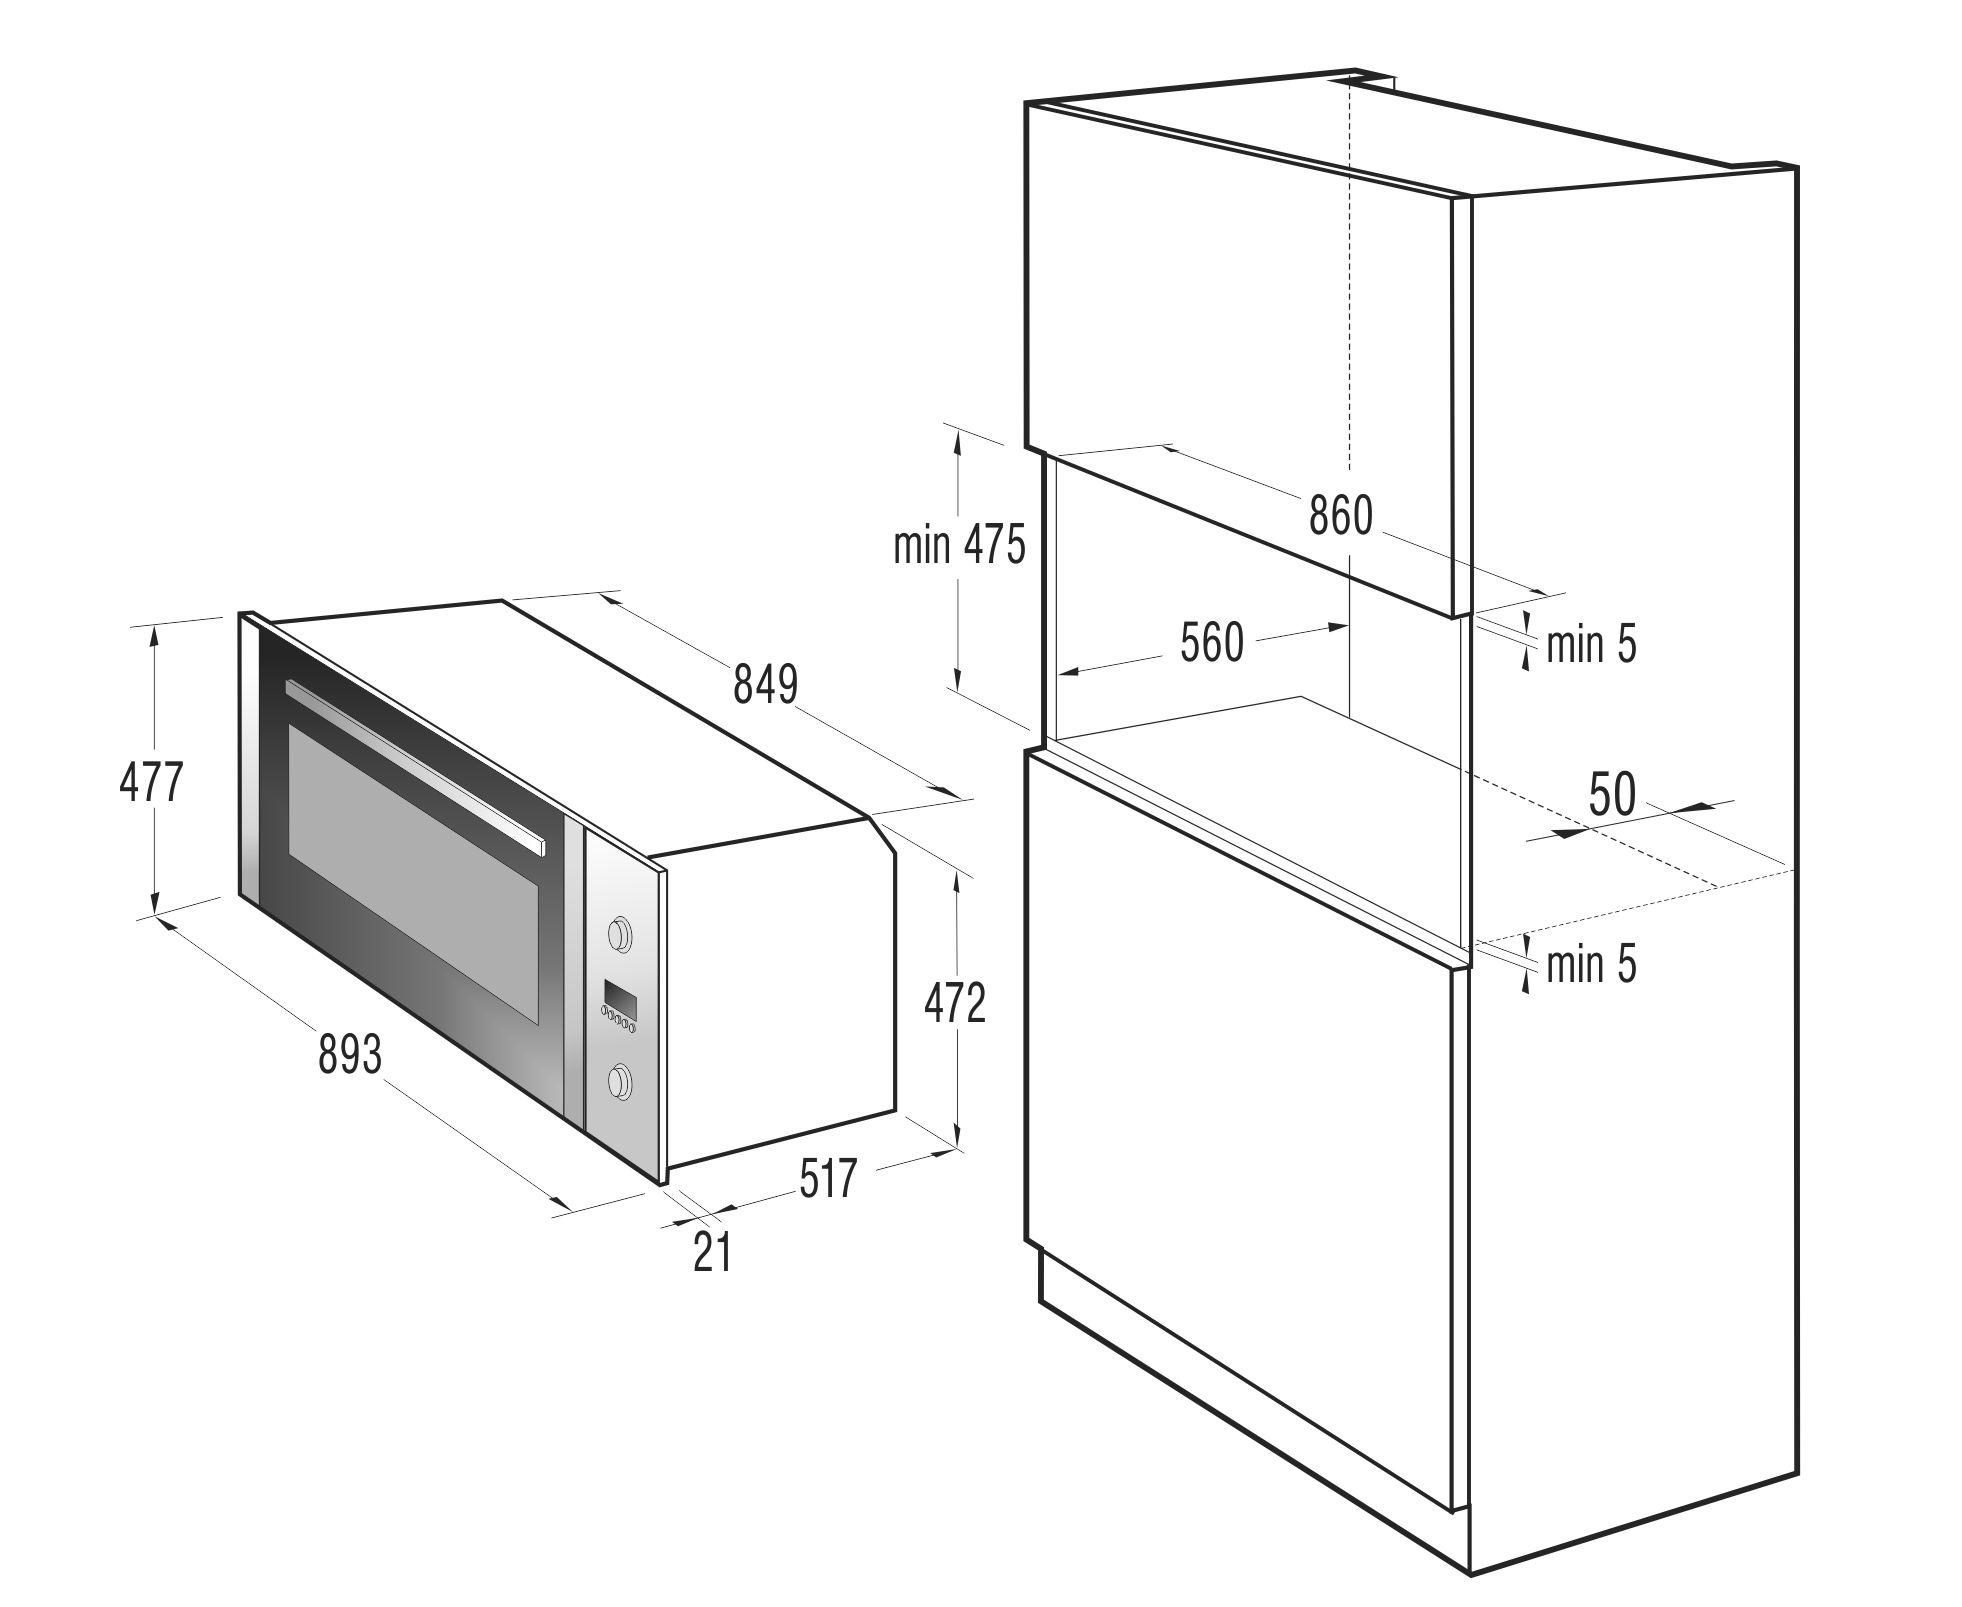 standard built in microwave dimensions bestmicrowave